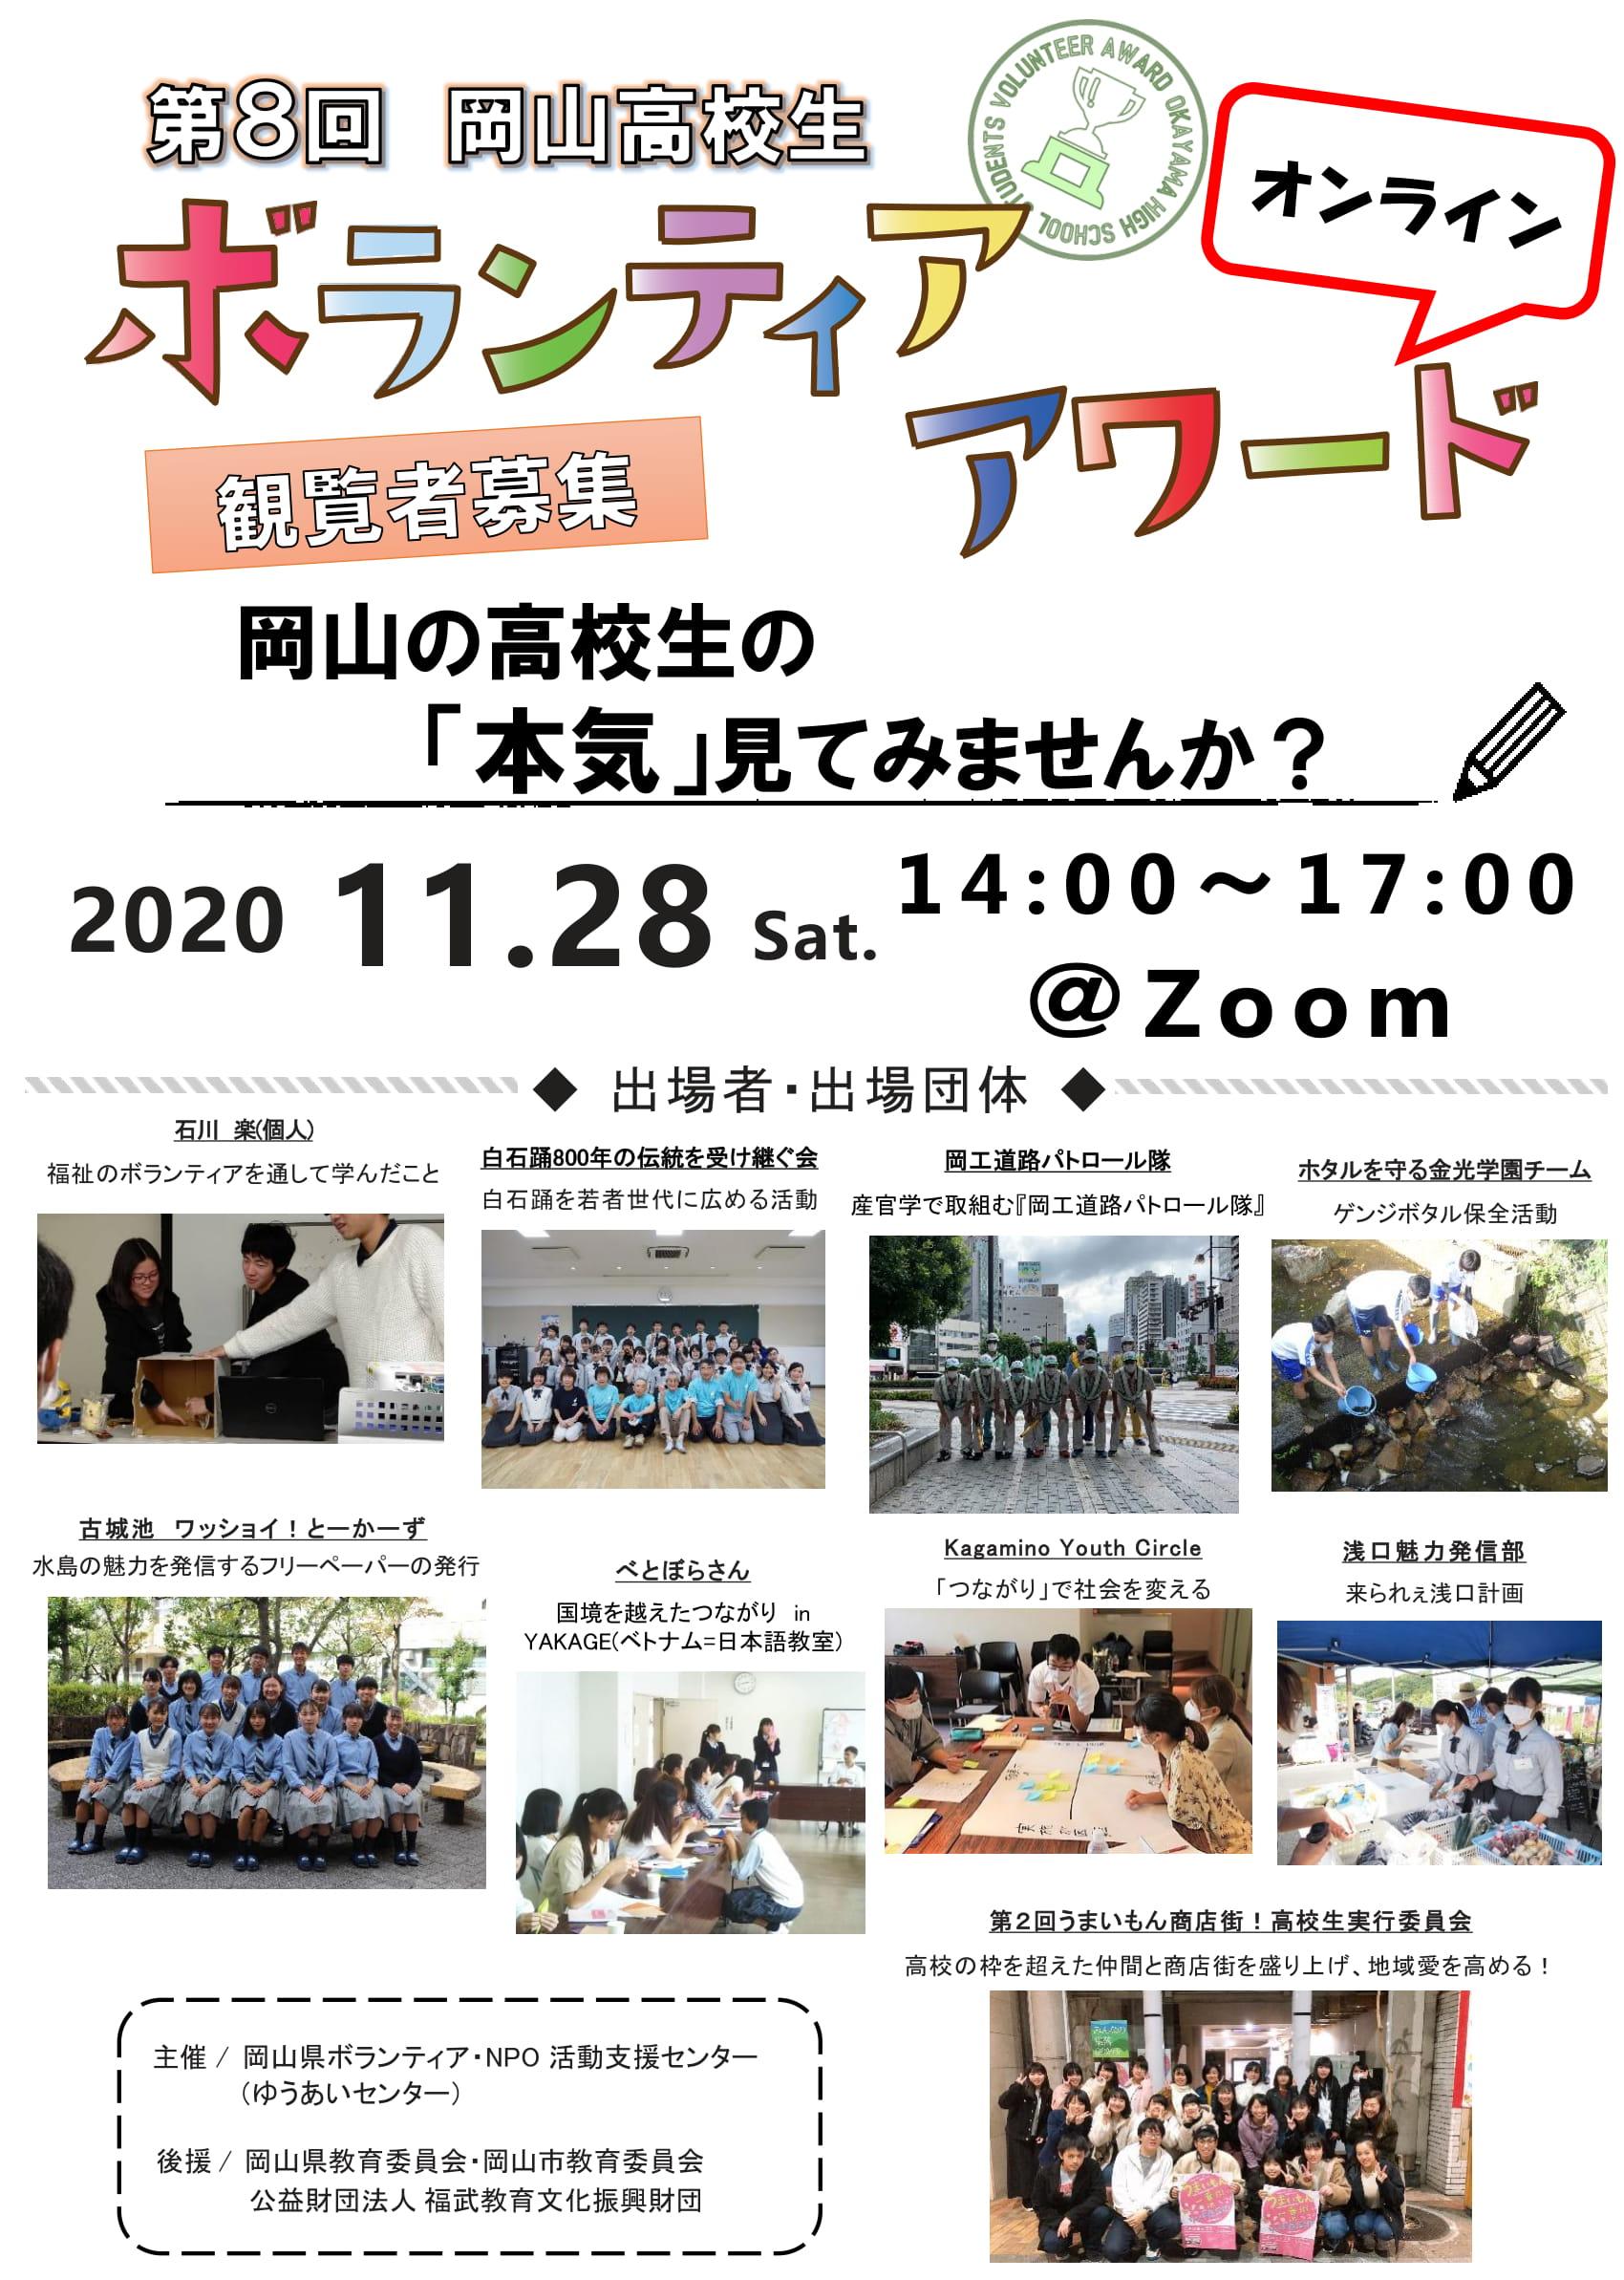 第8回 岡山高校生ボランティア・アワード【観覧者大募集!】